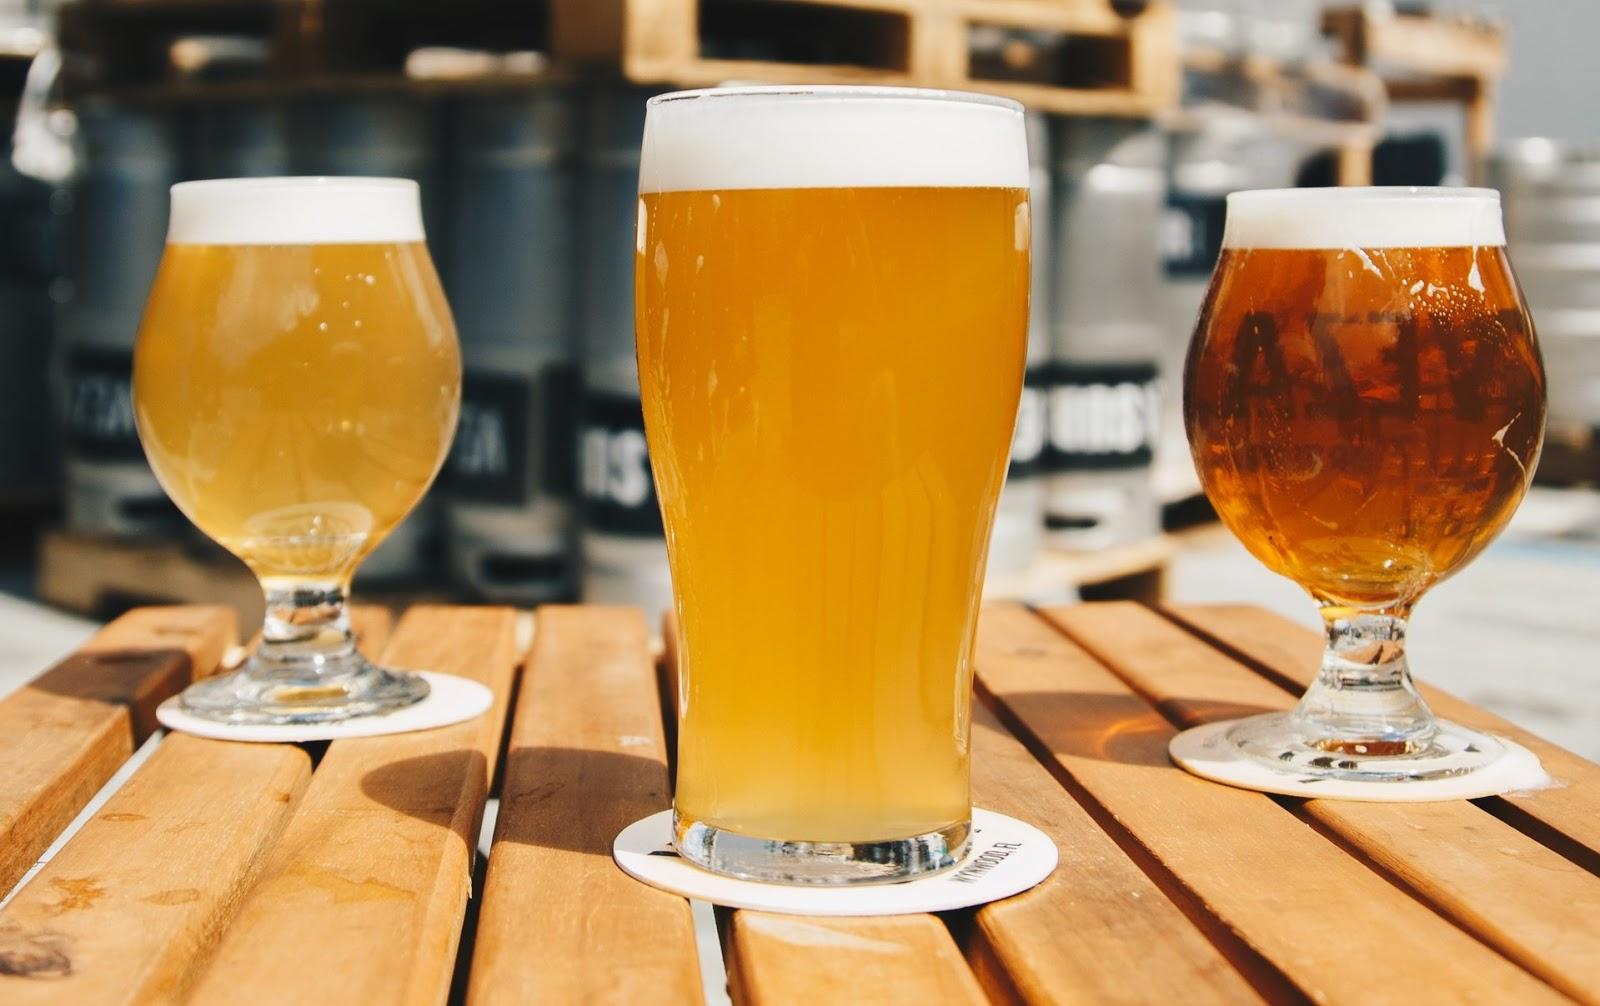 Na imagem temos dois dos tipos de copos para cerveja, em cima de uma mesa de madeira.